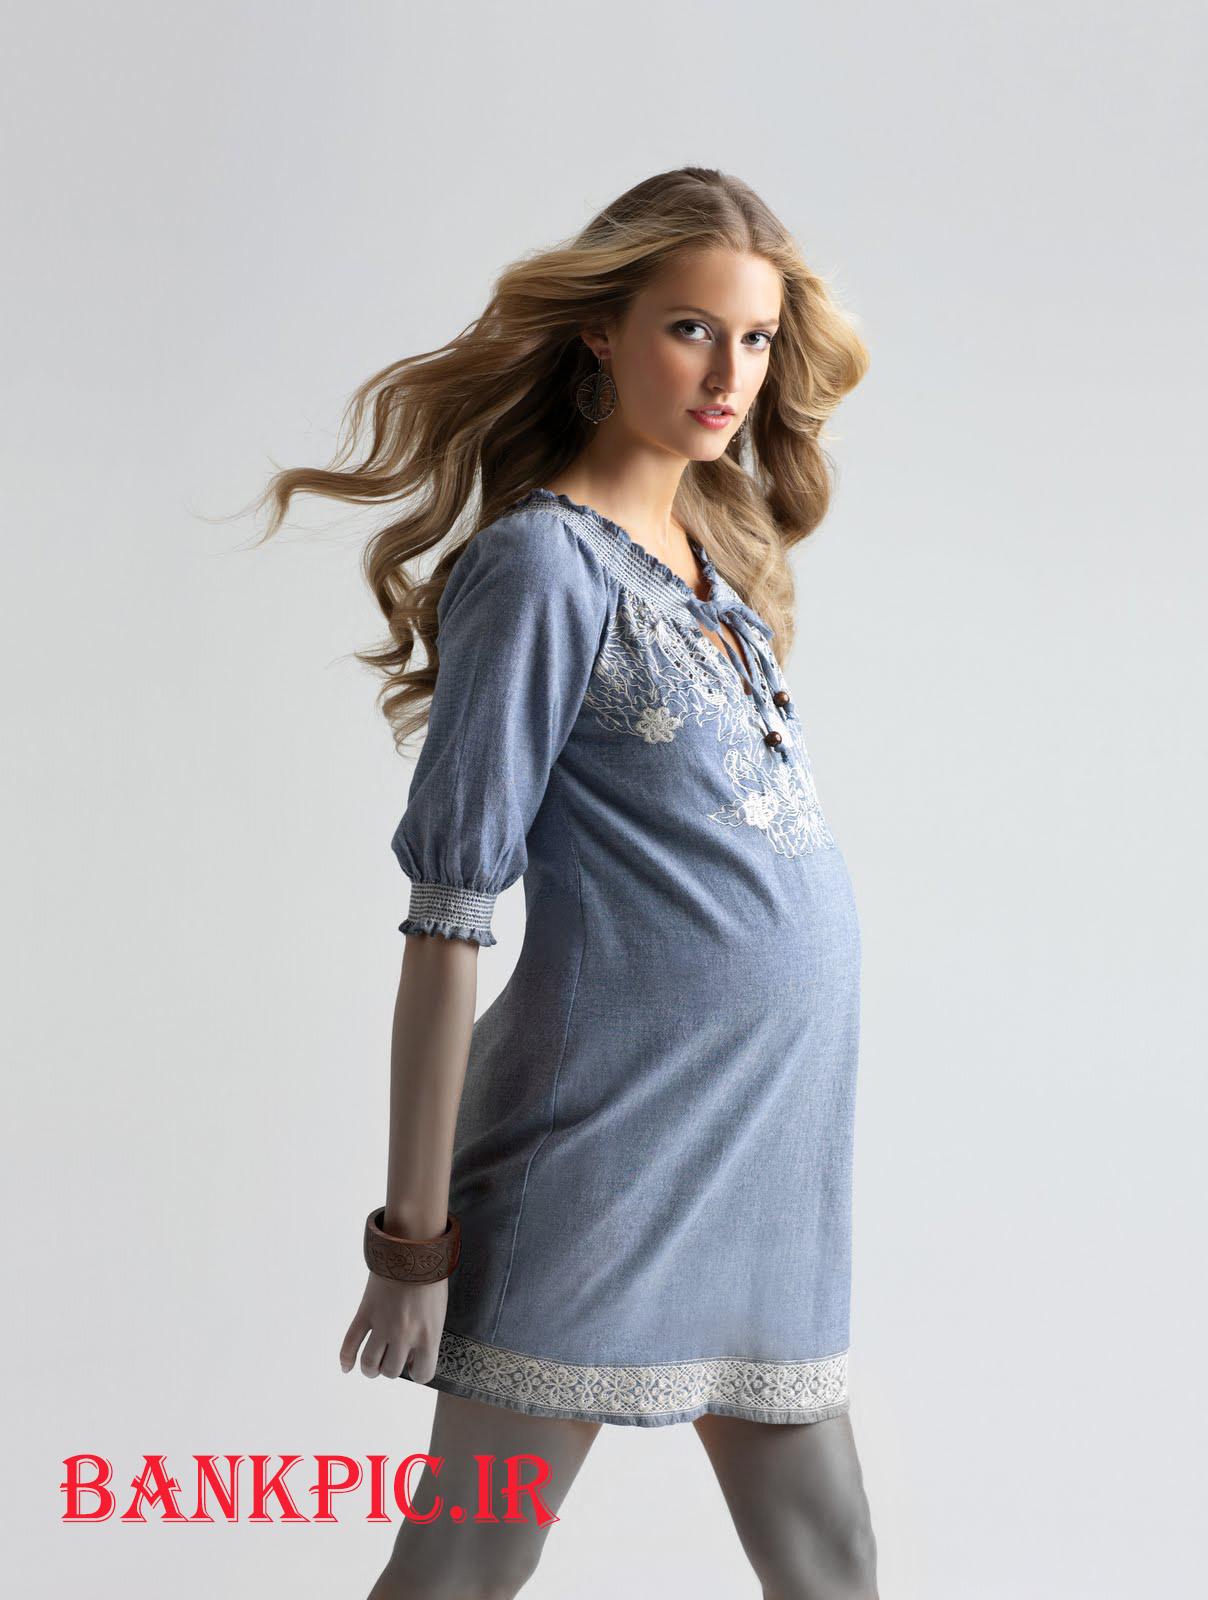 لباس بارداری مدل لباس بارداری , انواع لباس بارداری , لباس حاملگی , لباس حاملگی 2014 , لباس بارداری 2014 , جدیدترین لباس بارداری , لباس مجلسی بارداری , لباس اسپرت بارداری